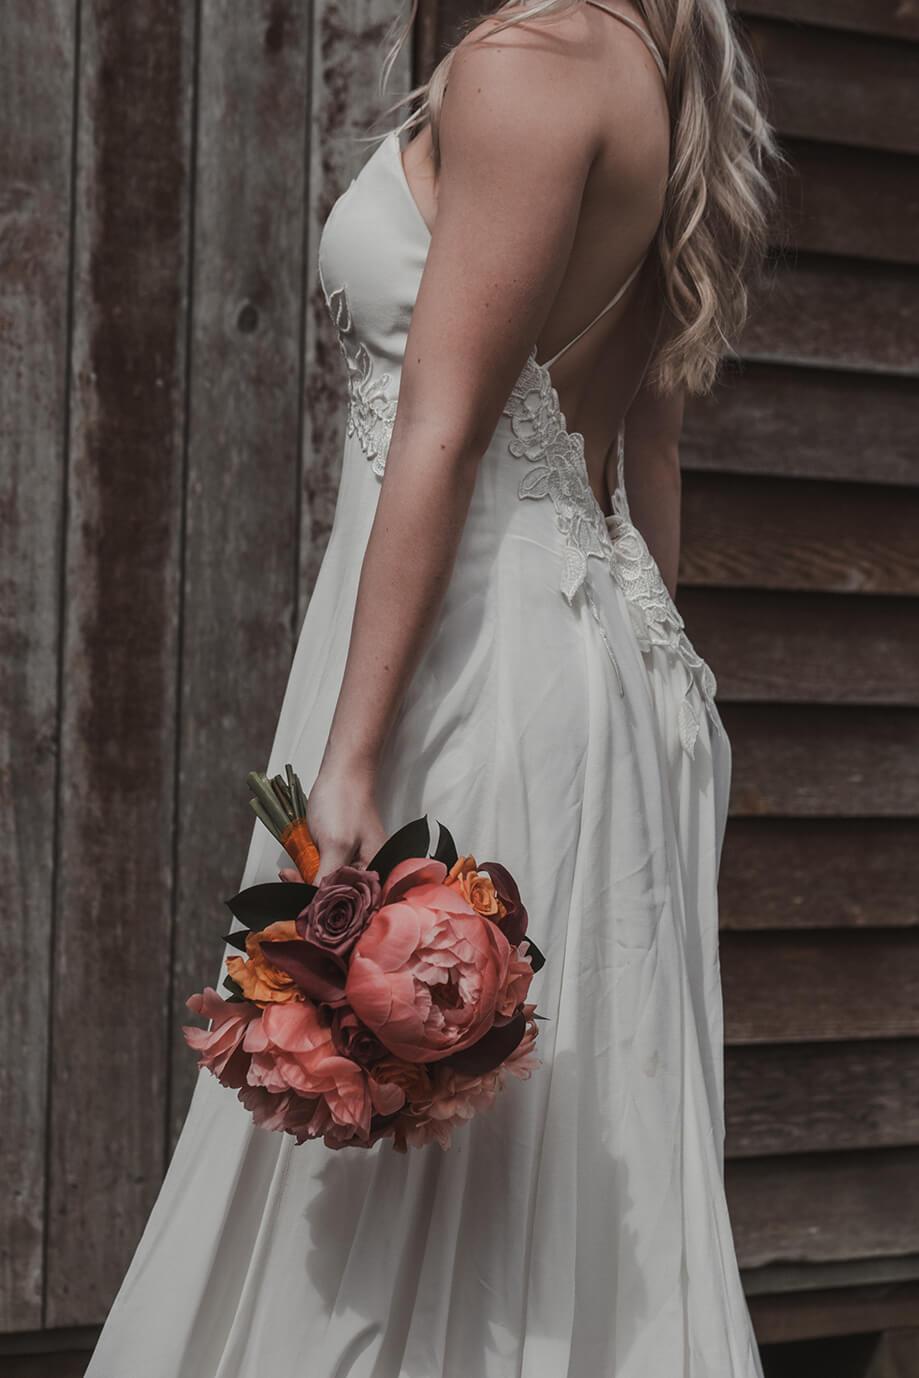 elizabeth may bridal 106 - Bridal Session 105.jpg.jpg